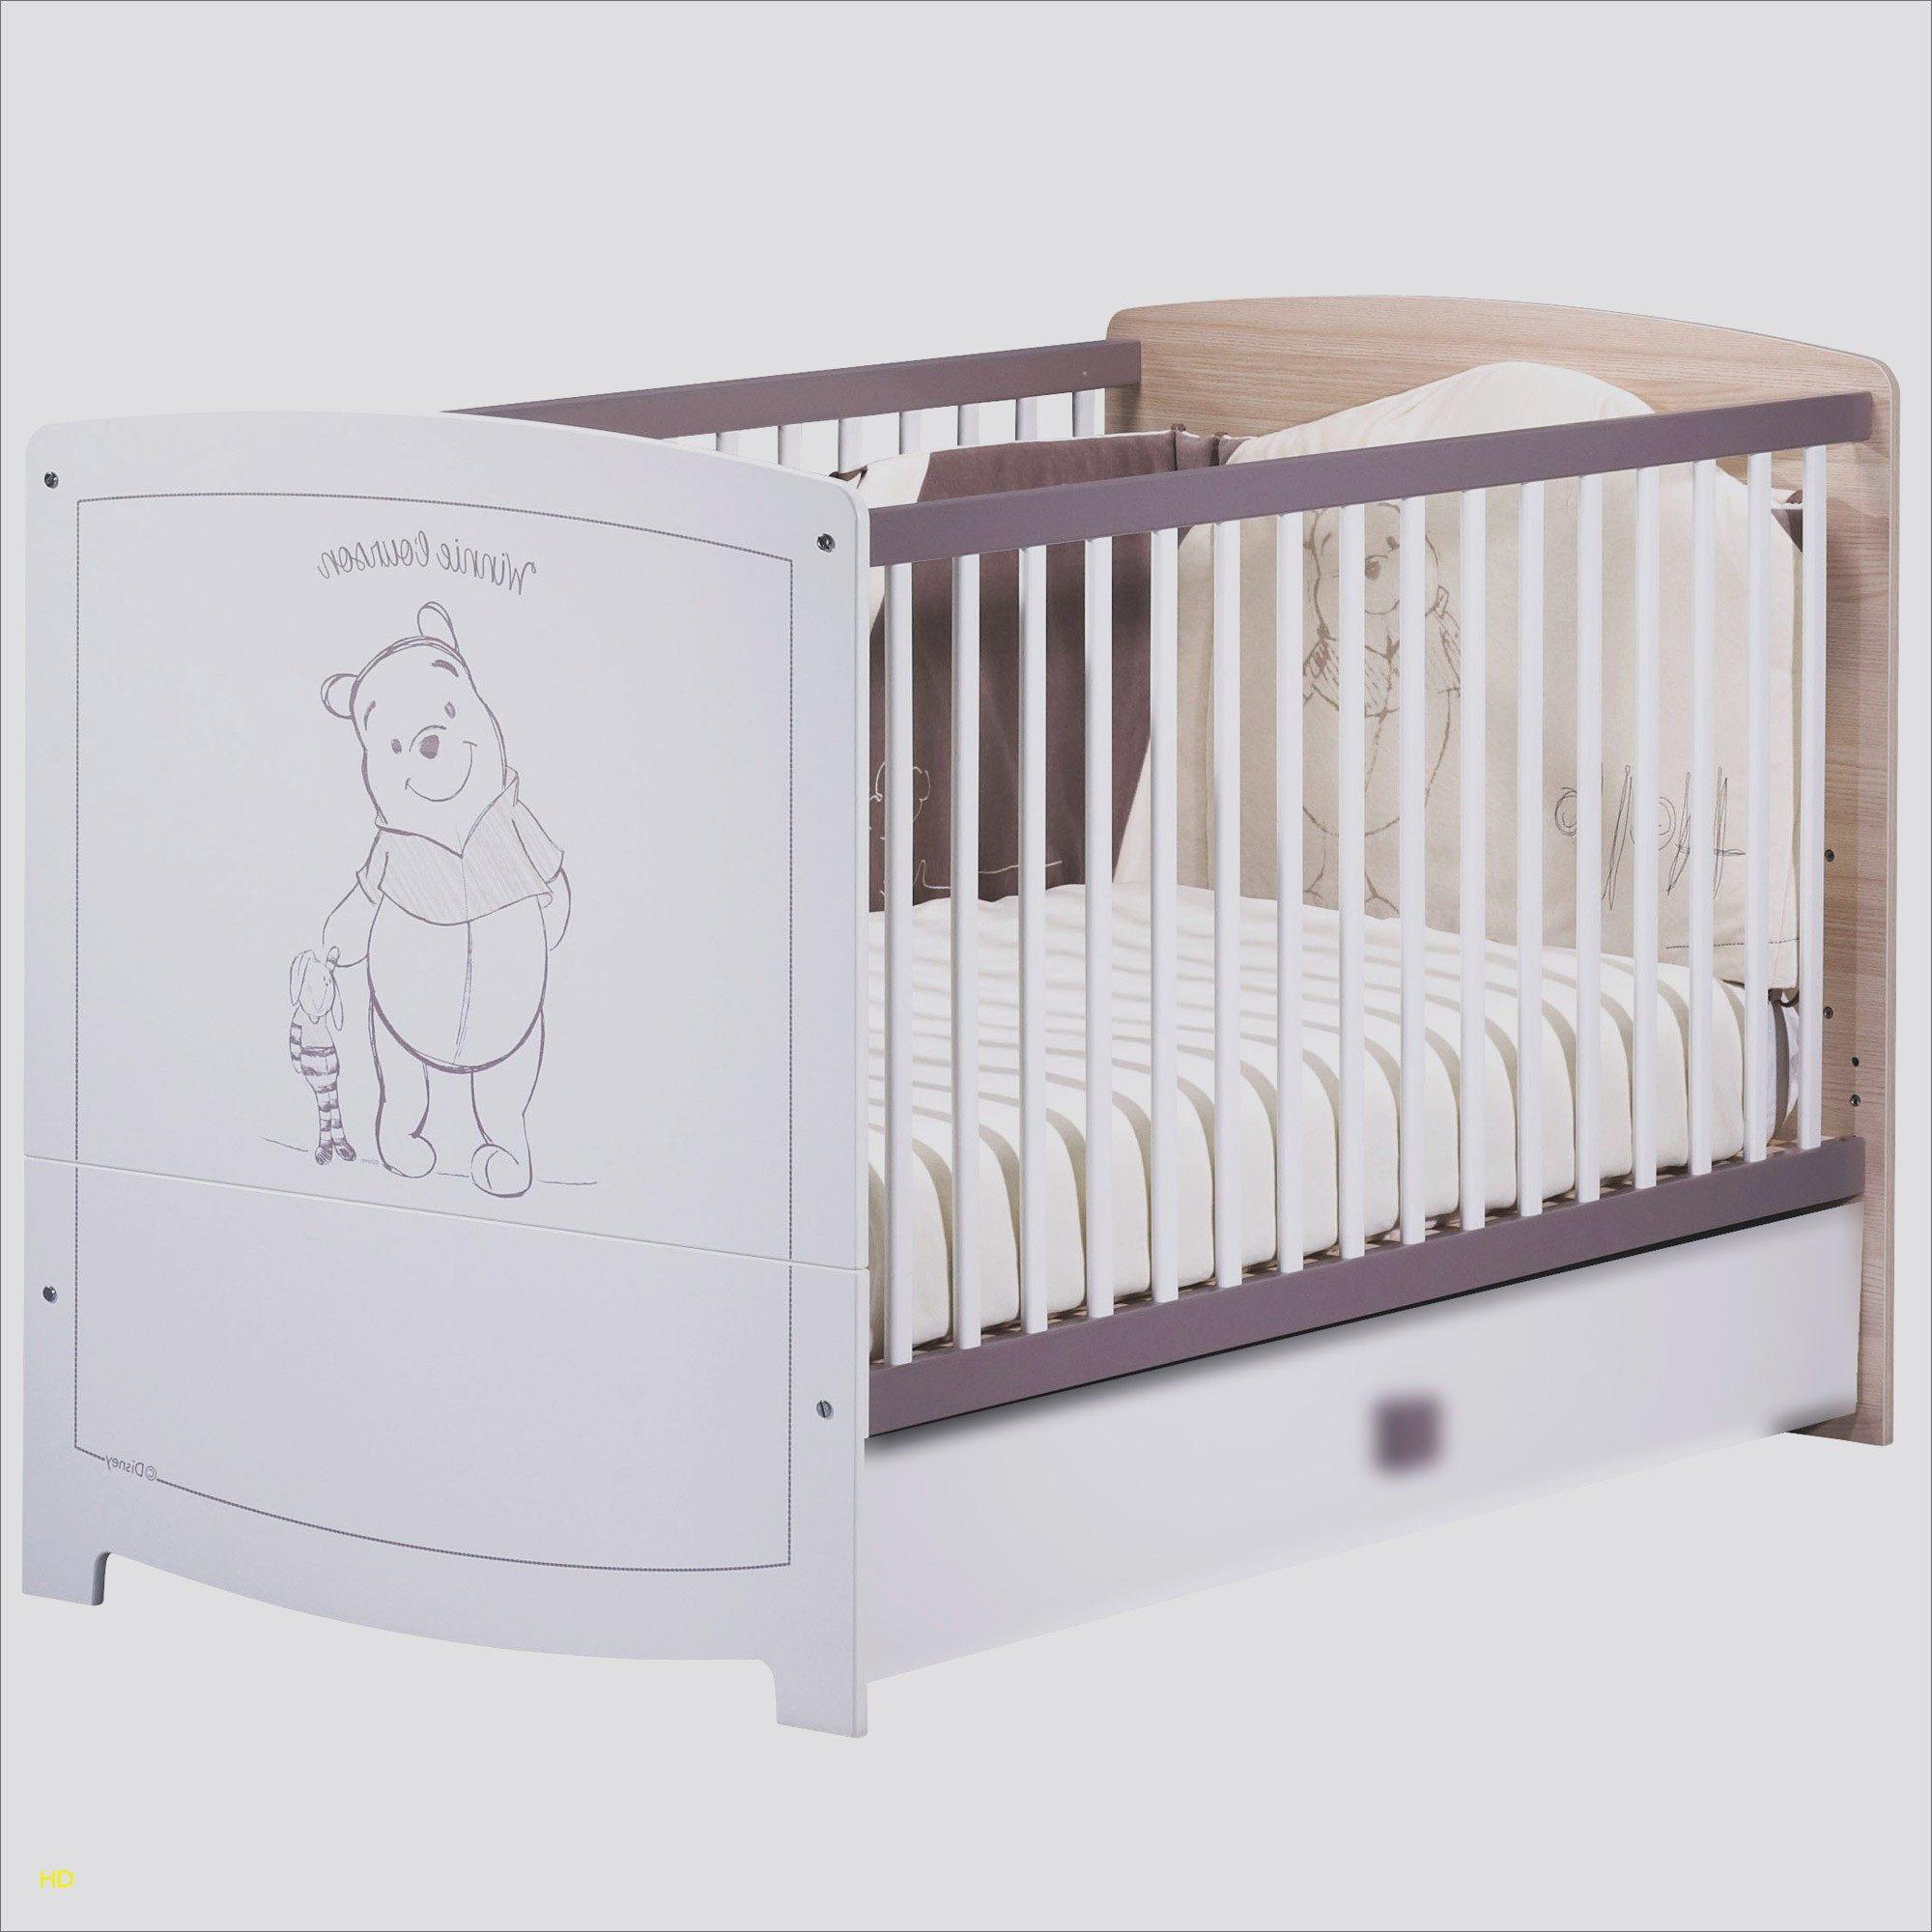 Lit Superposé Pour Bébé De Luxe Meuble Pour Bébé Chaise De Bain Bébé Chaise Haute Bébé Pliante Parc